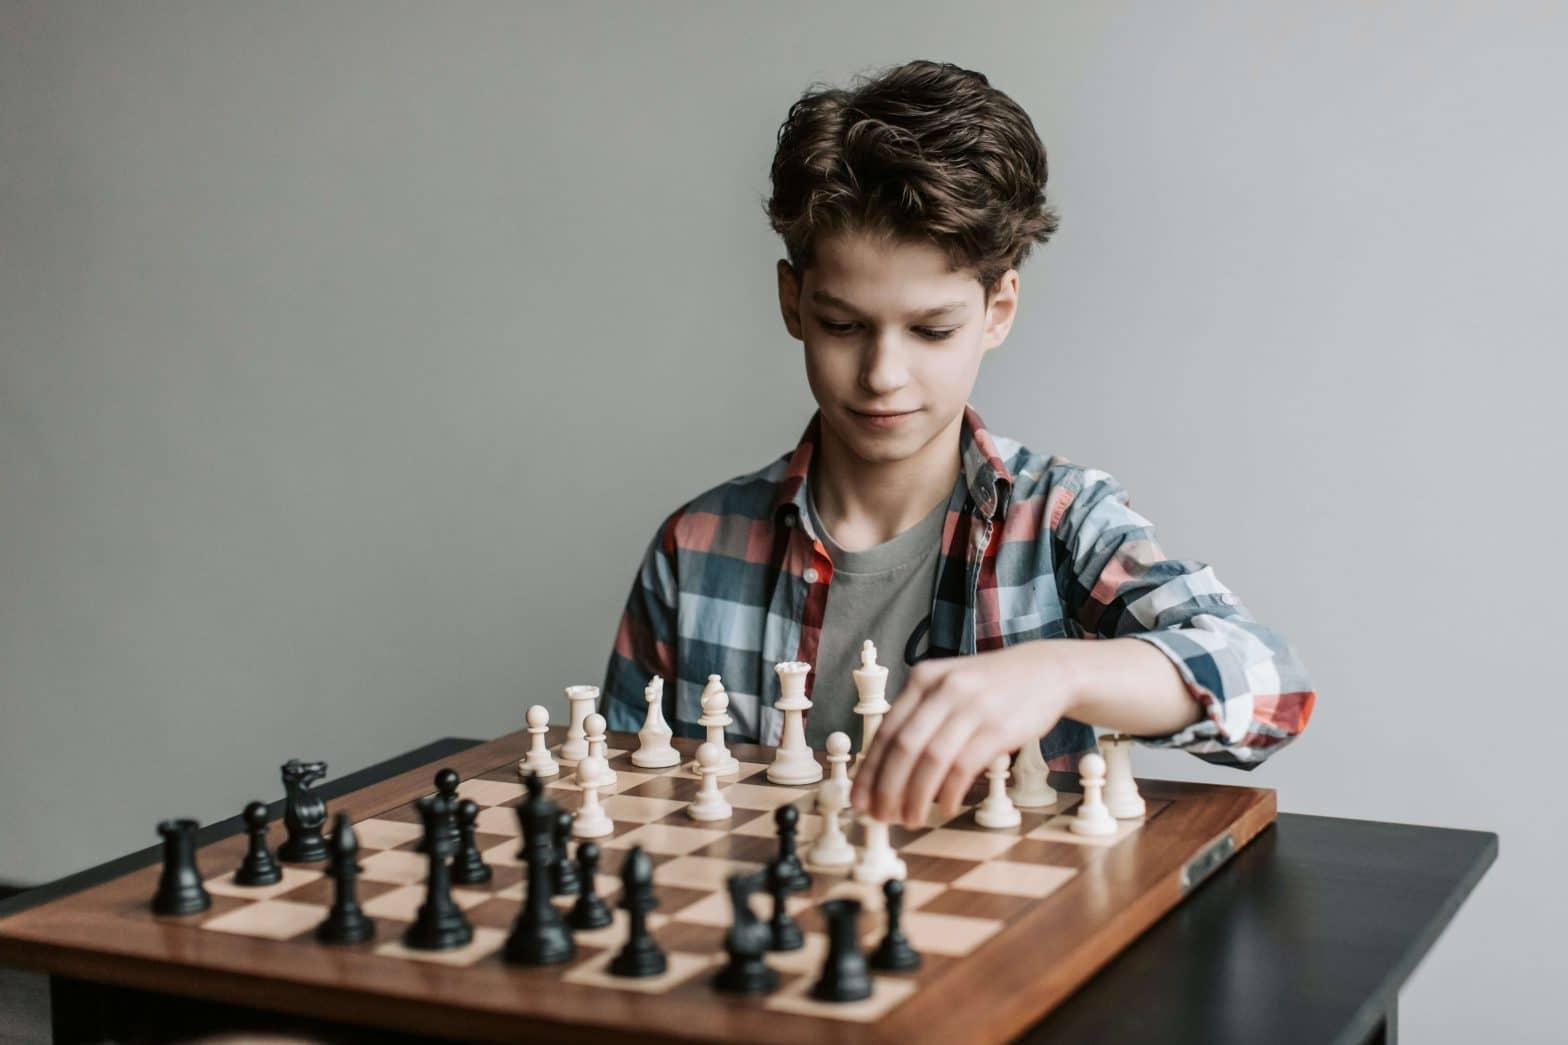 un-jeune-garçon-joue-aux-echecs